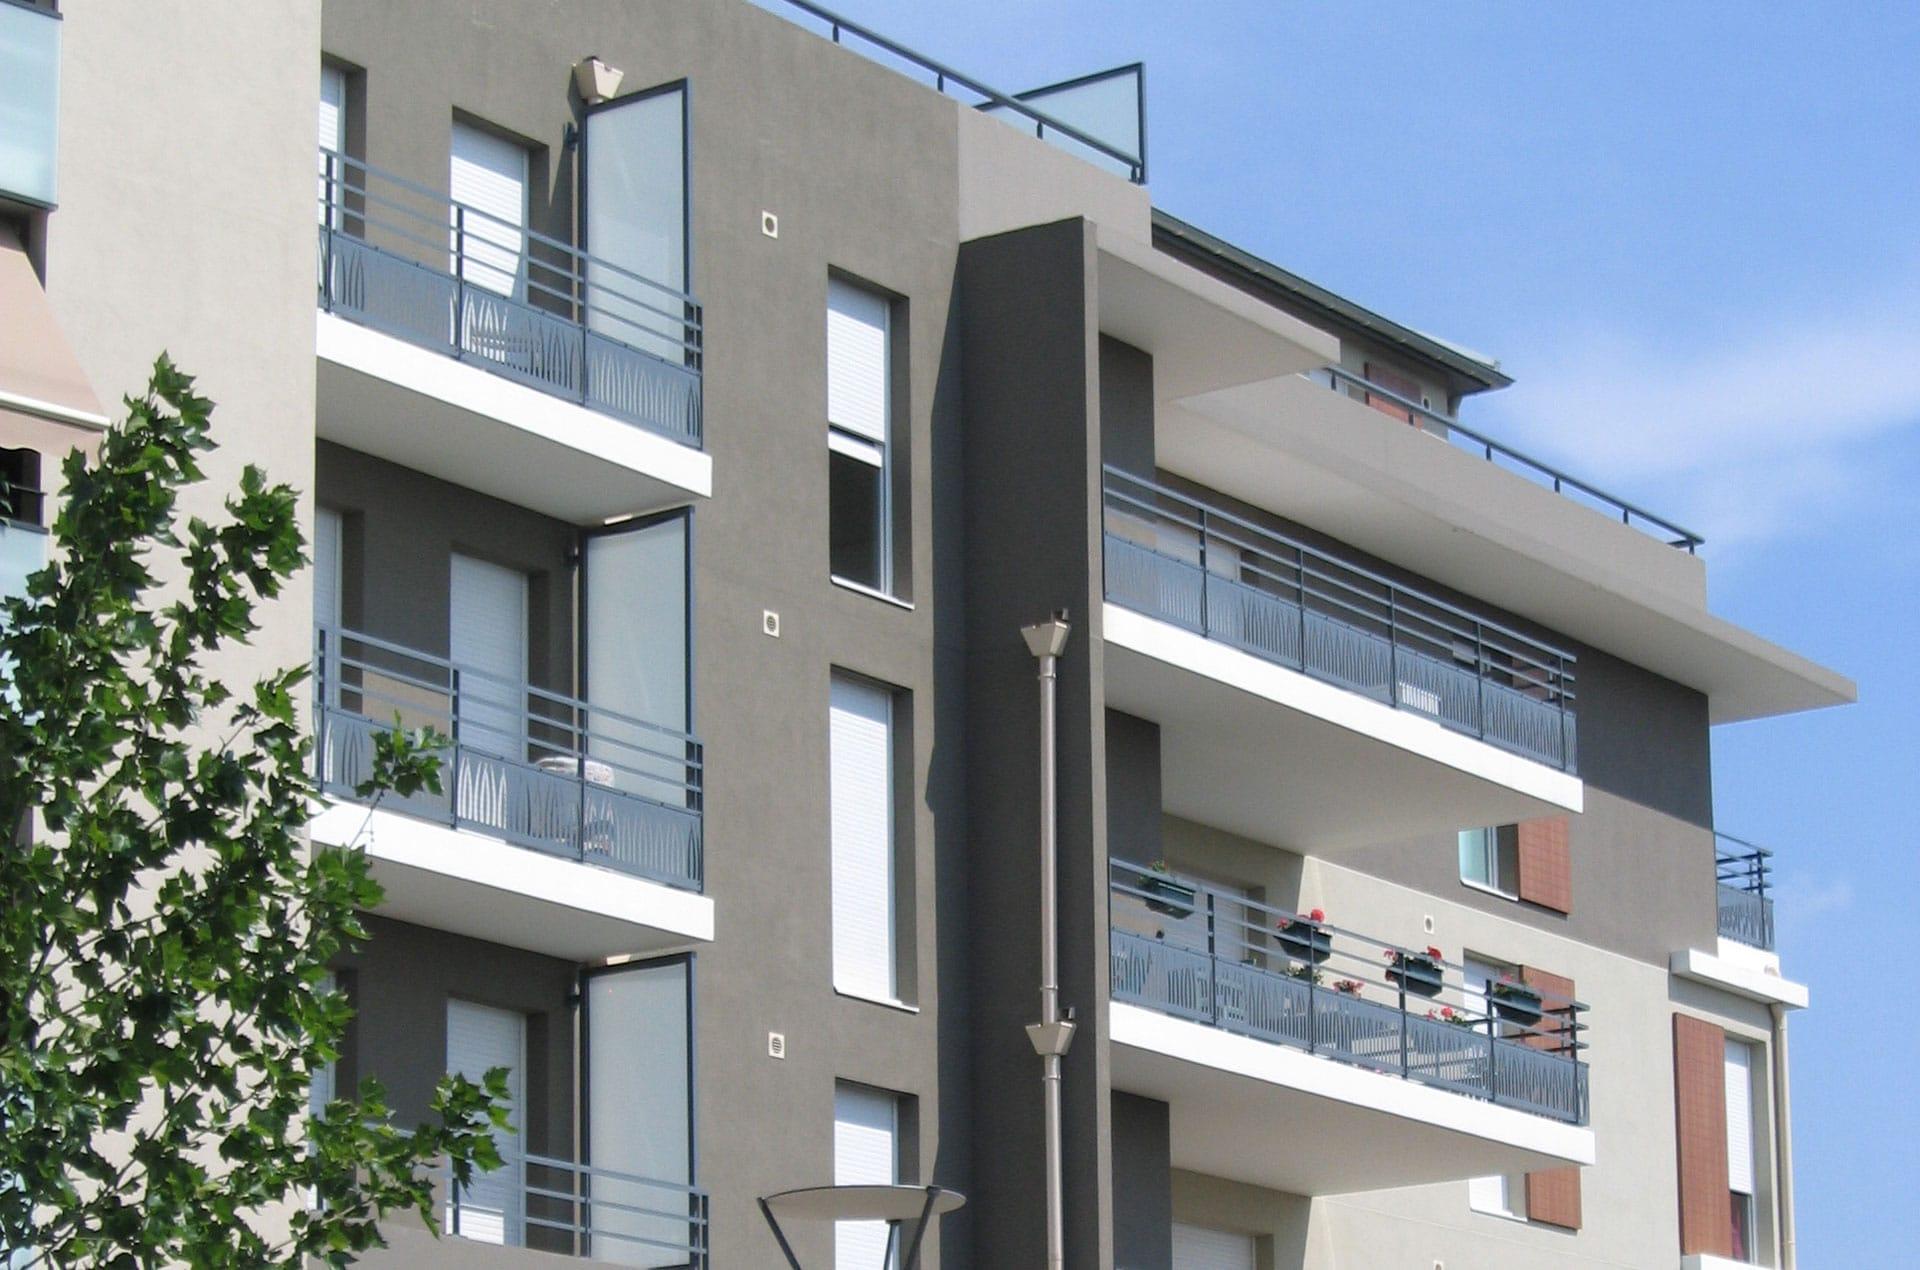 architec-les-cristallines-facade-immeuble-terrasse-logements